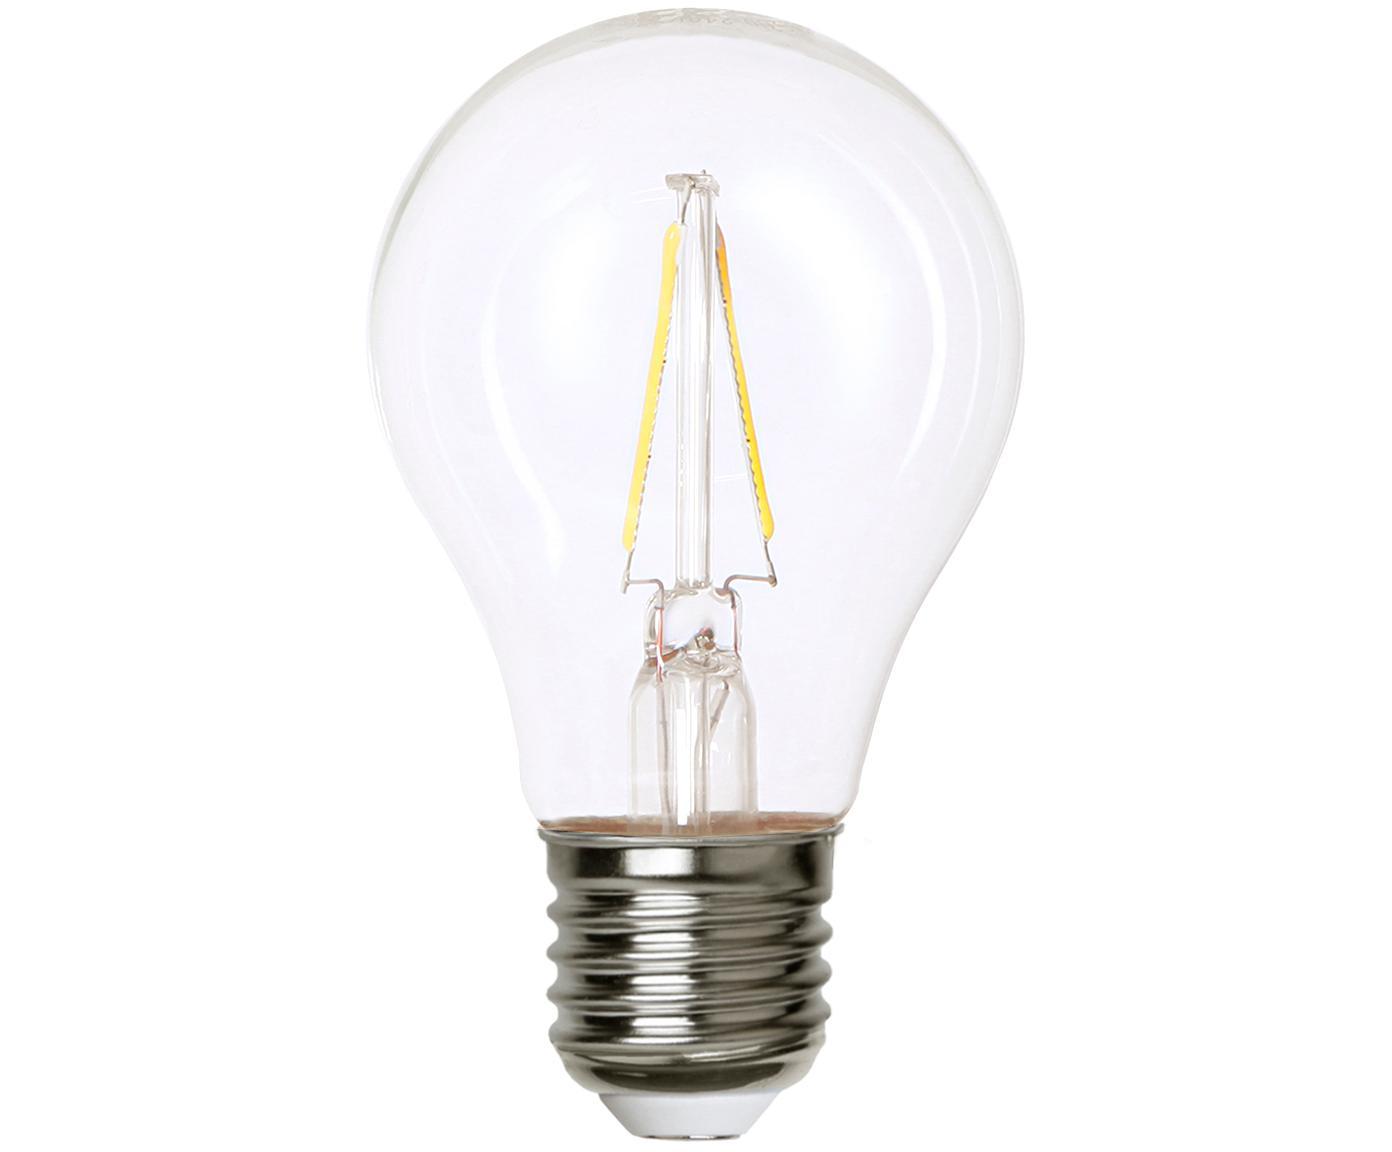 LED lamp Airtight Two (E27 / 2W), Lampenkap: glas, Fitting: vernikkeld koper, Transparant, nikkelkleurig, Ø 6 x H 11 cm